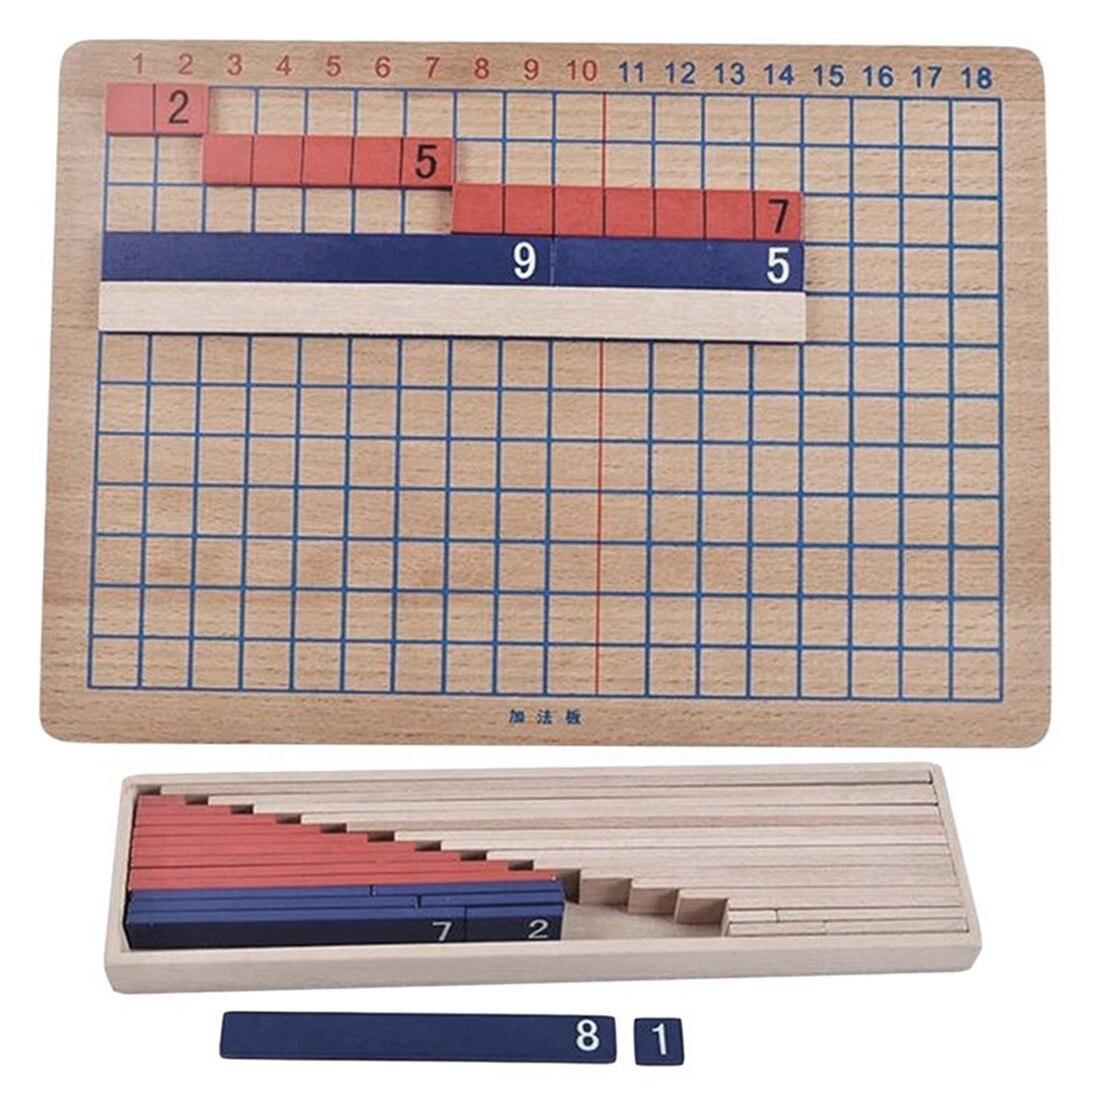 Montessori materiais matemática brinquedos de ensino para crianças de madeira colorido grânulos adição subtração placa matemática brinquedo crianças brinquedos